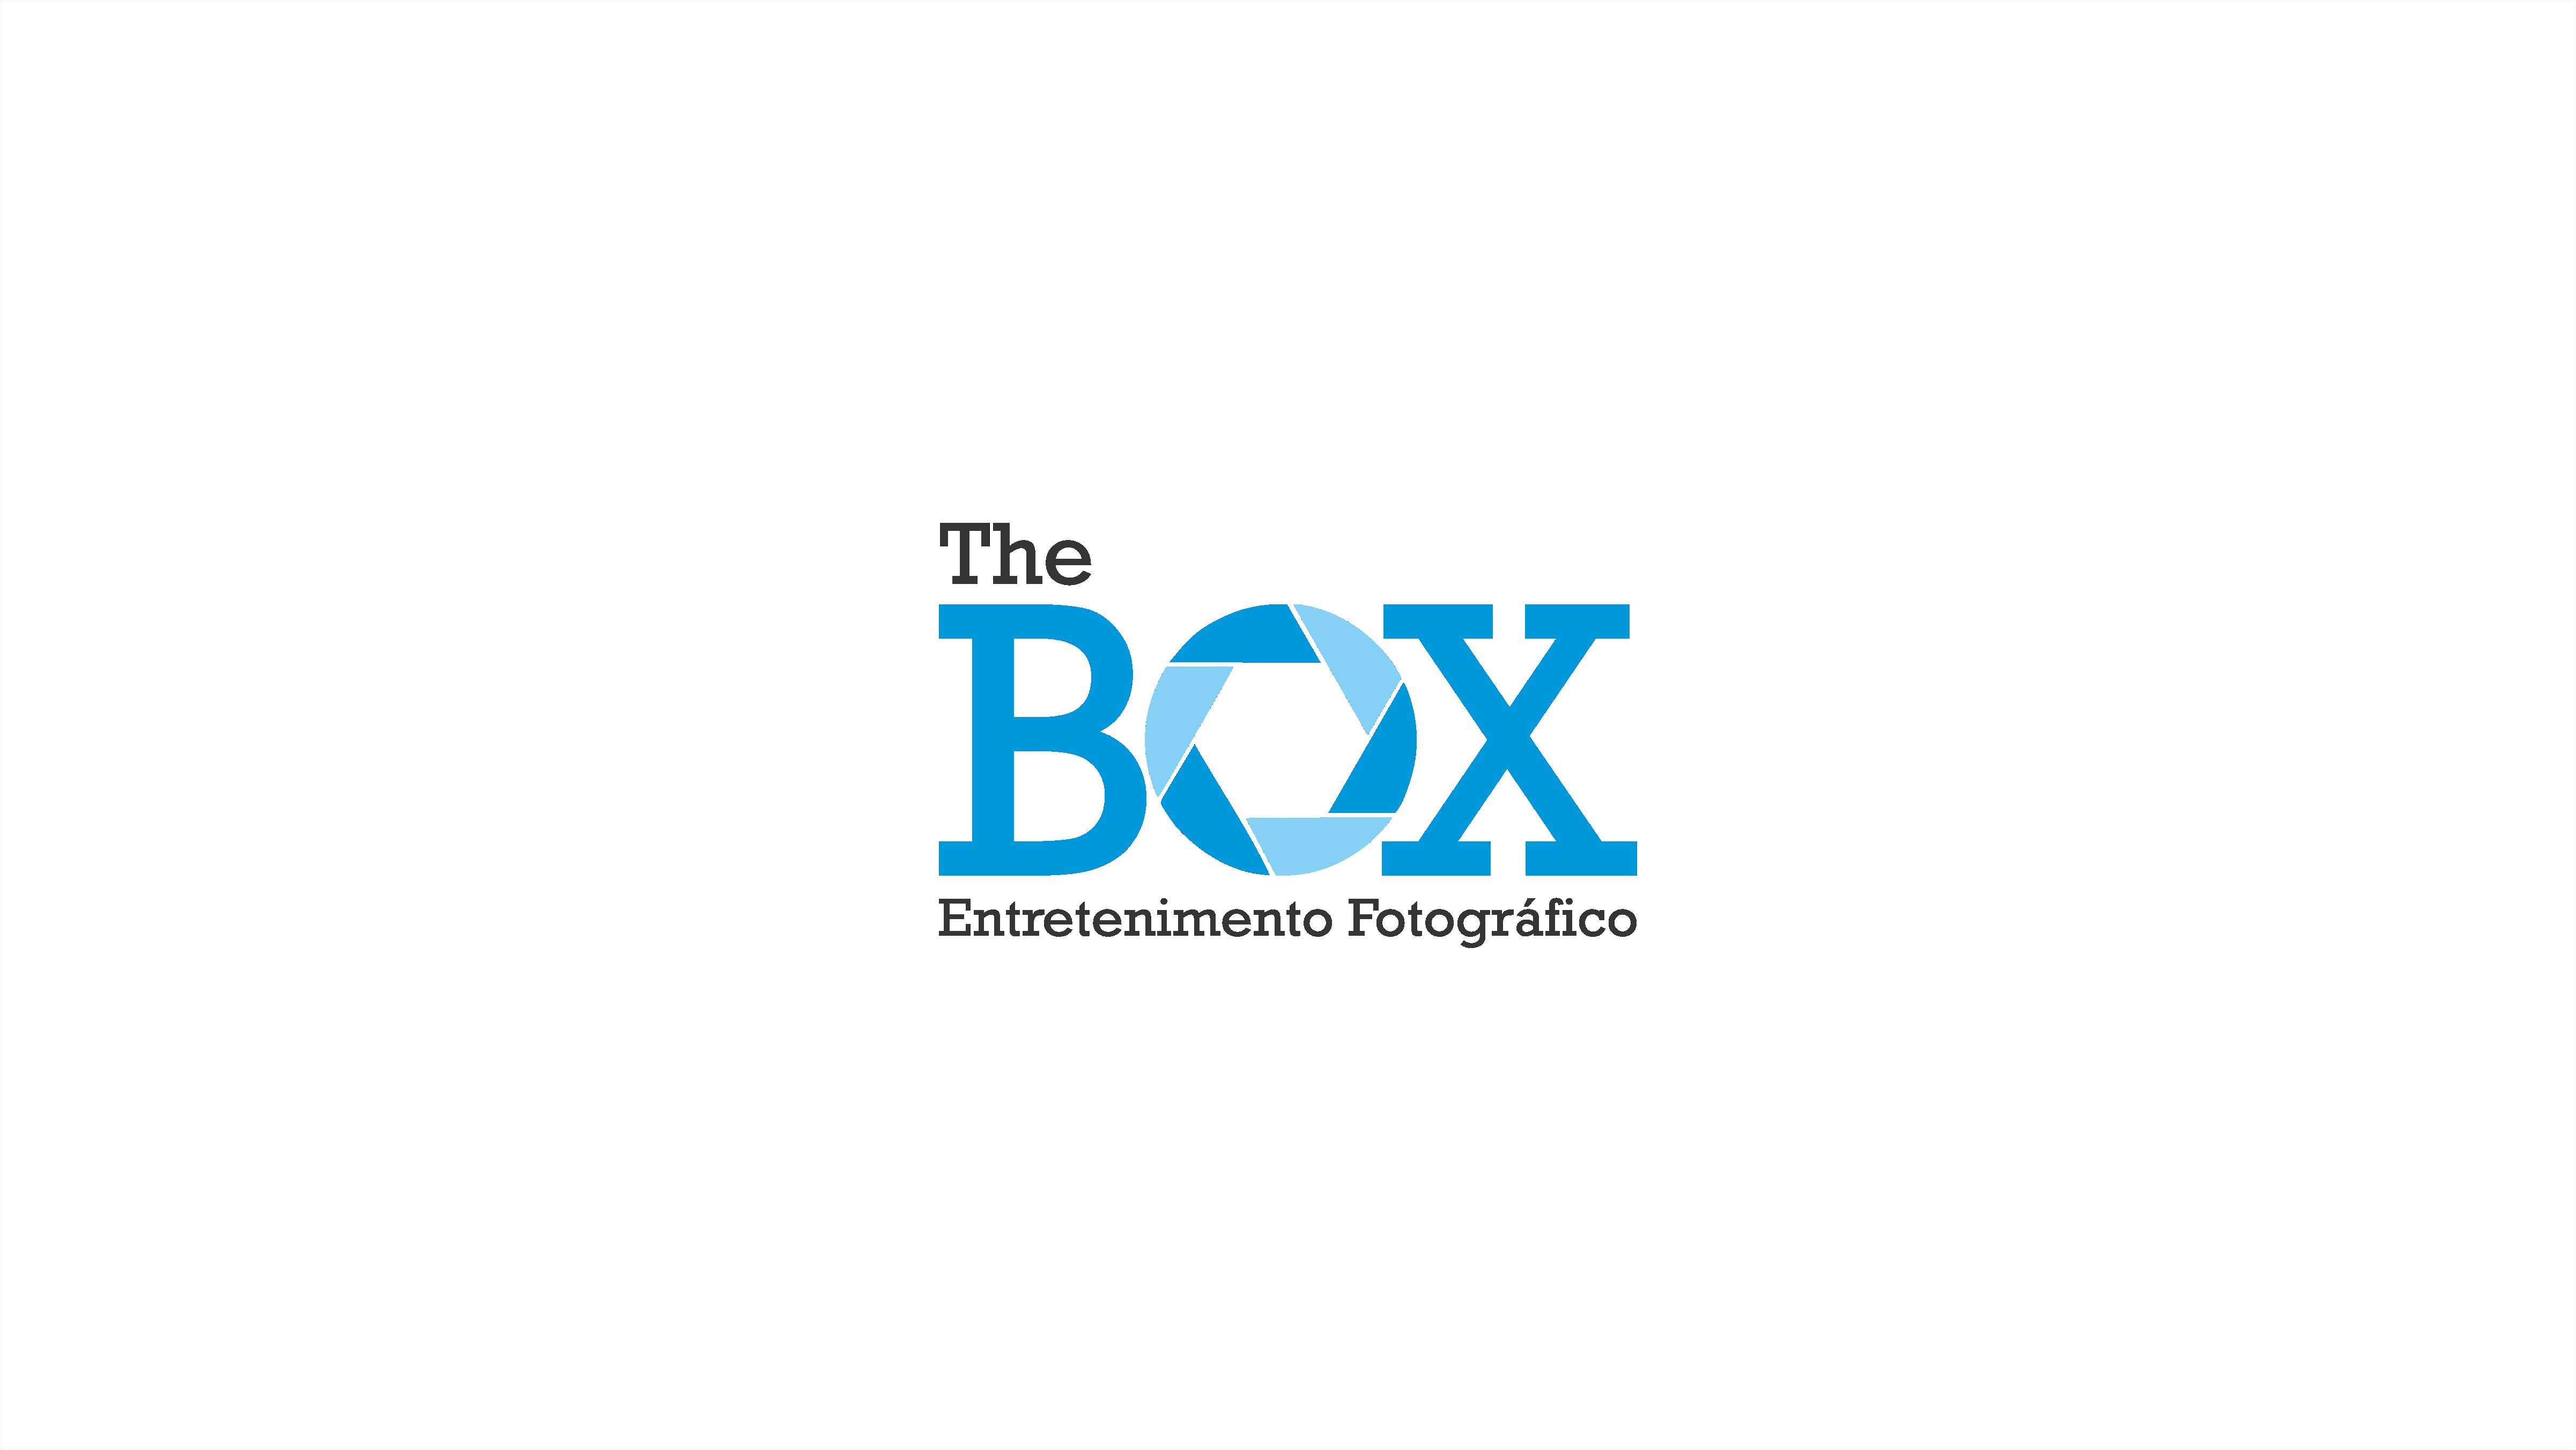 Contate THEBOX Entretenimento Fotográfico | Locação de cabine/totem para eventos em geral